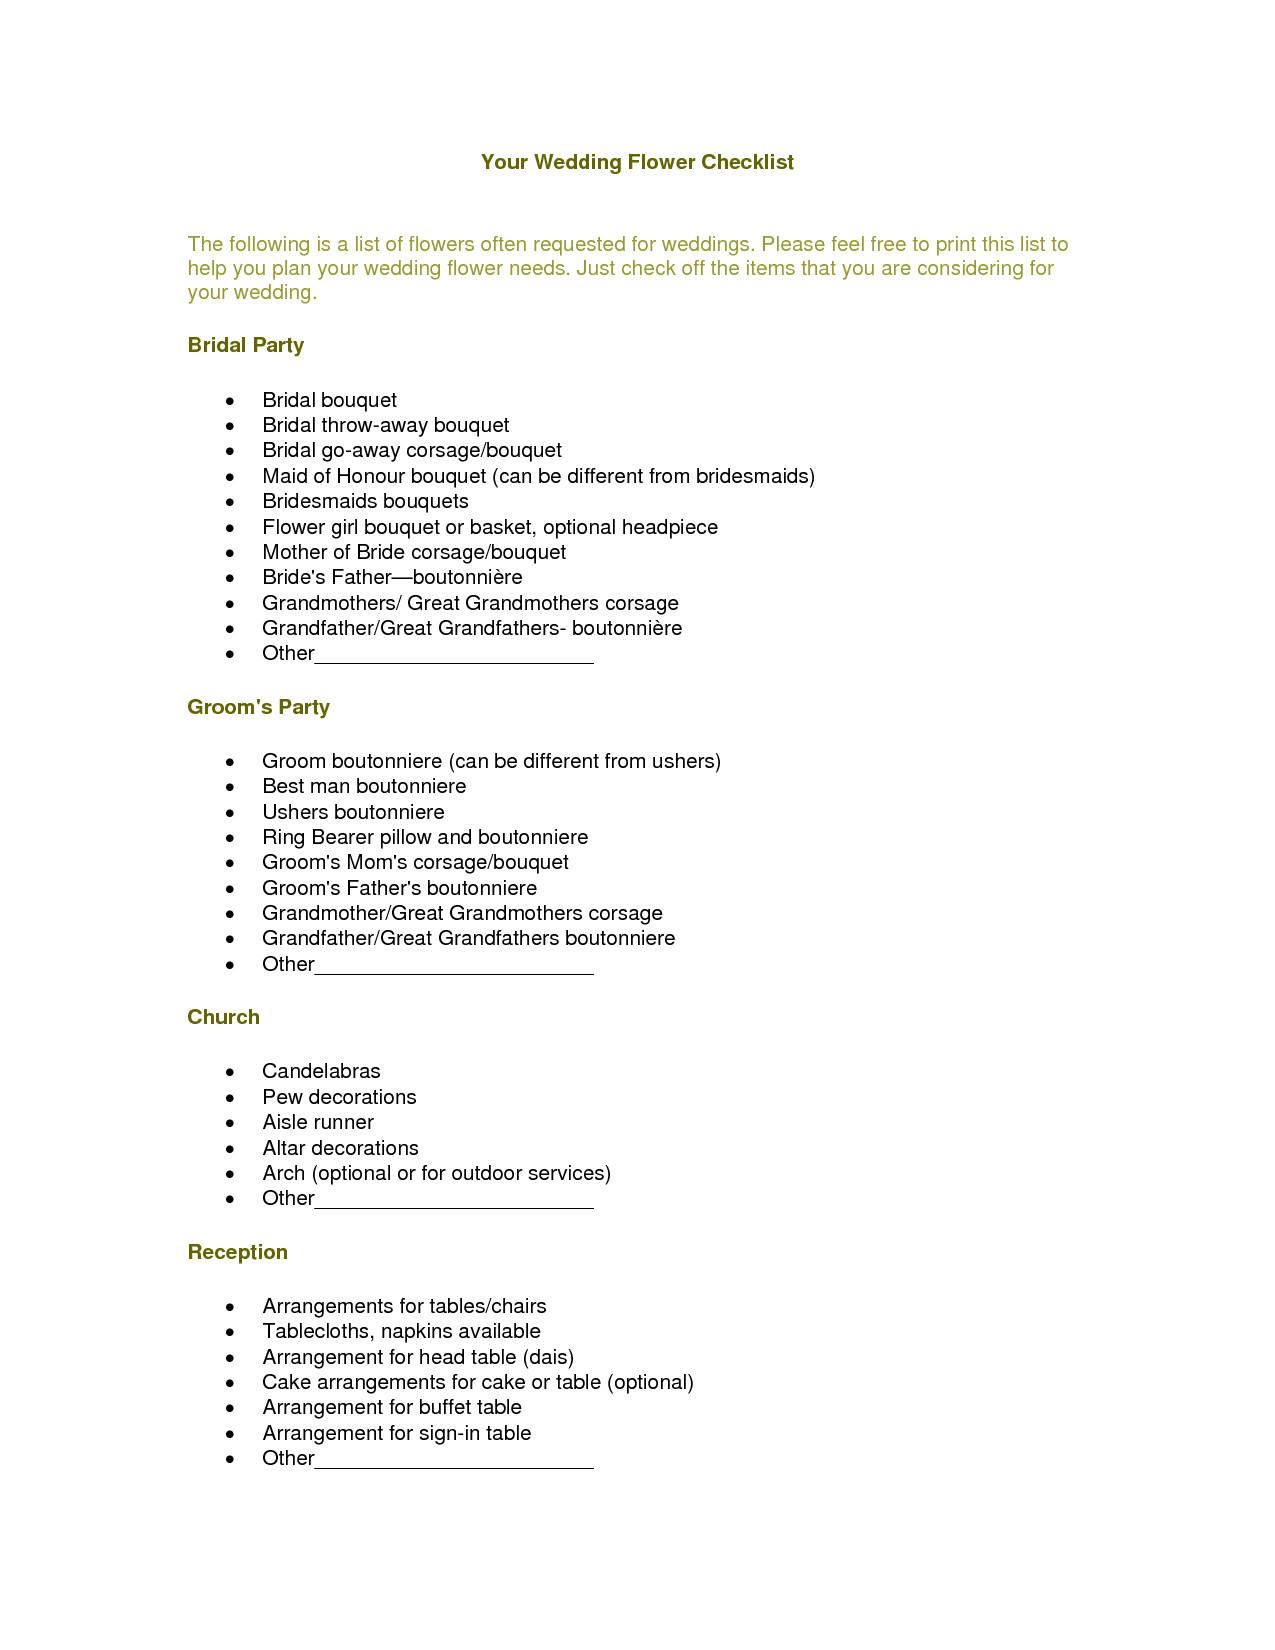 Wedding Flower Checklist Template Your Wedding Flower Checklist Wedding